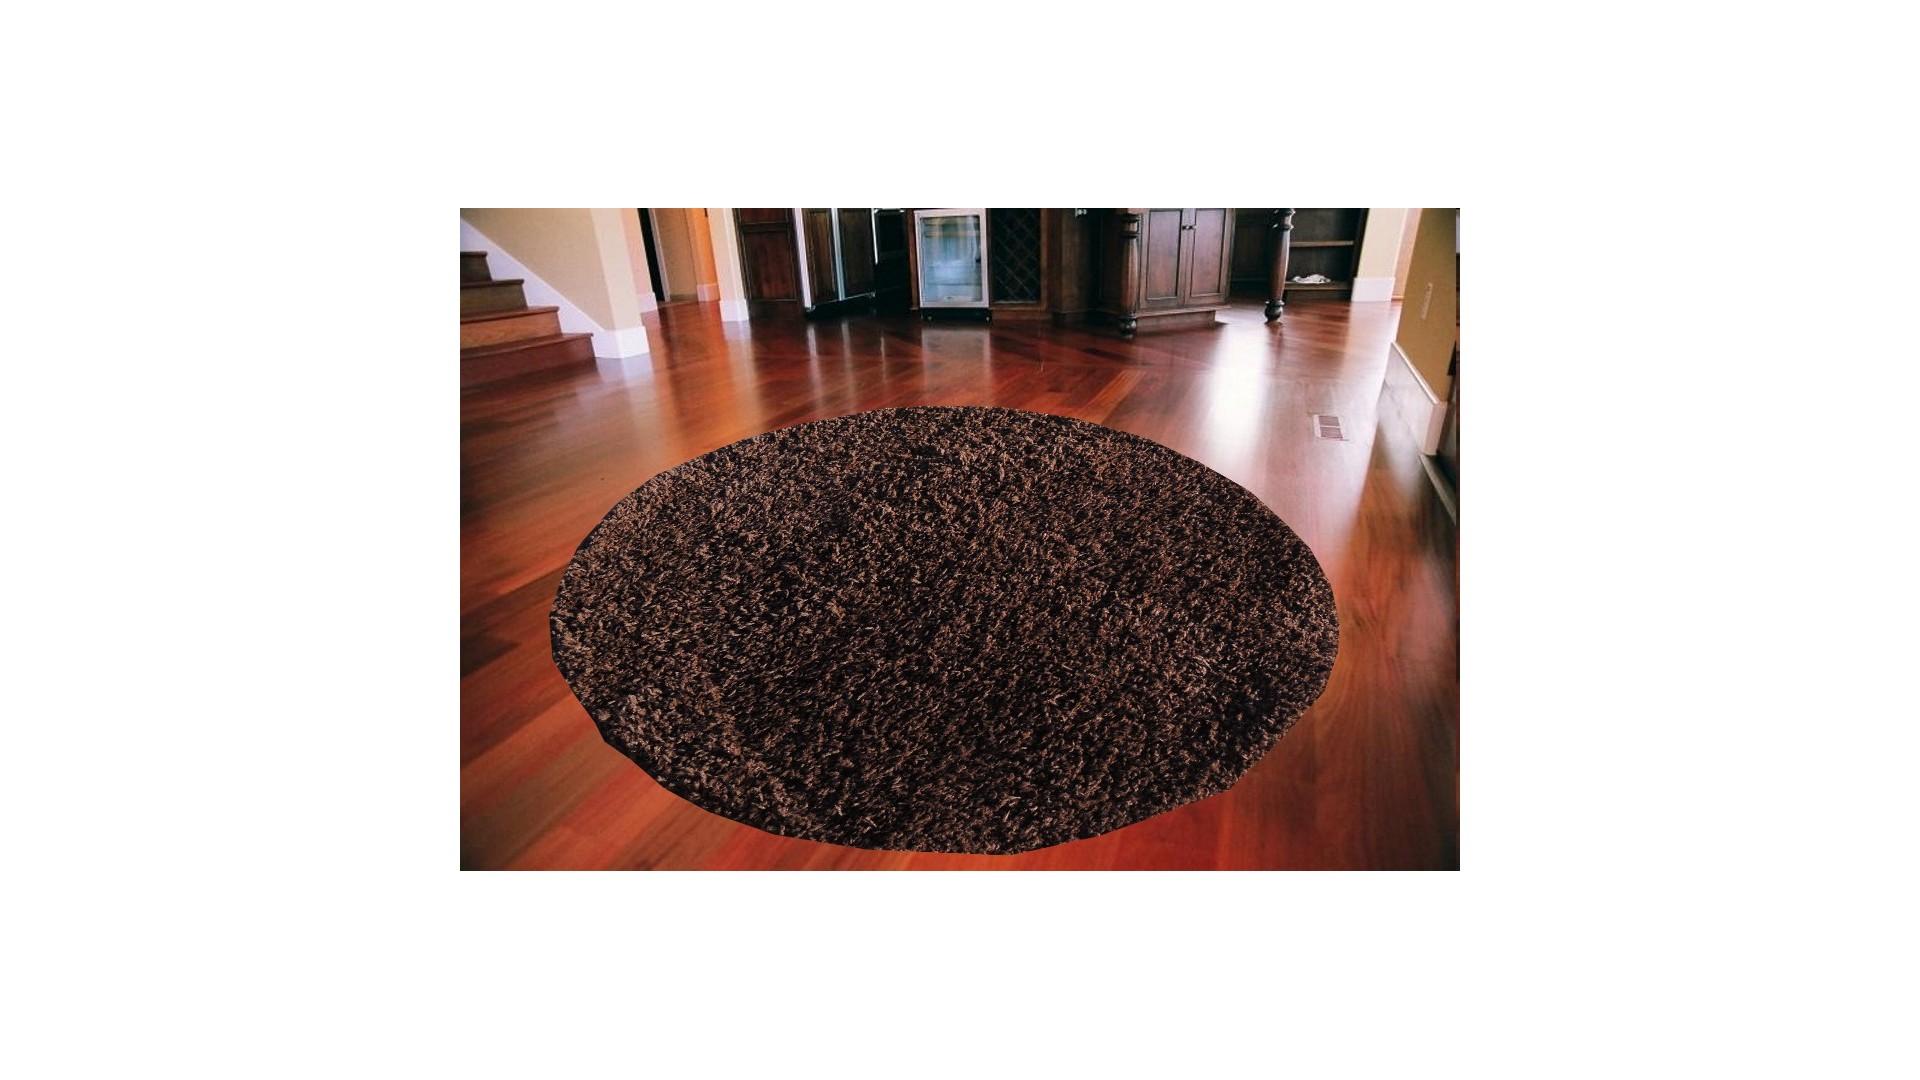 Dywan okrągły ale można także zamówić dywan w tym kolorze na wybrany wymiar i kształt